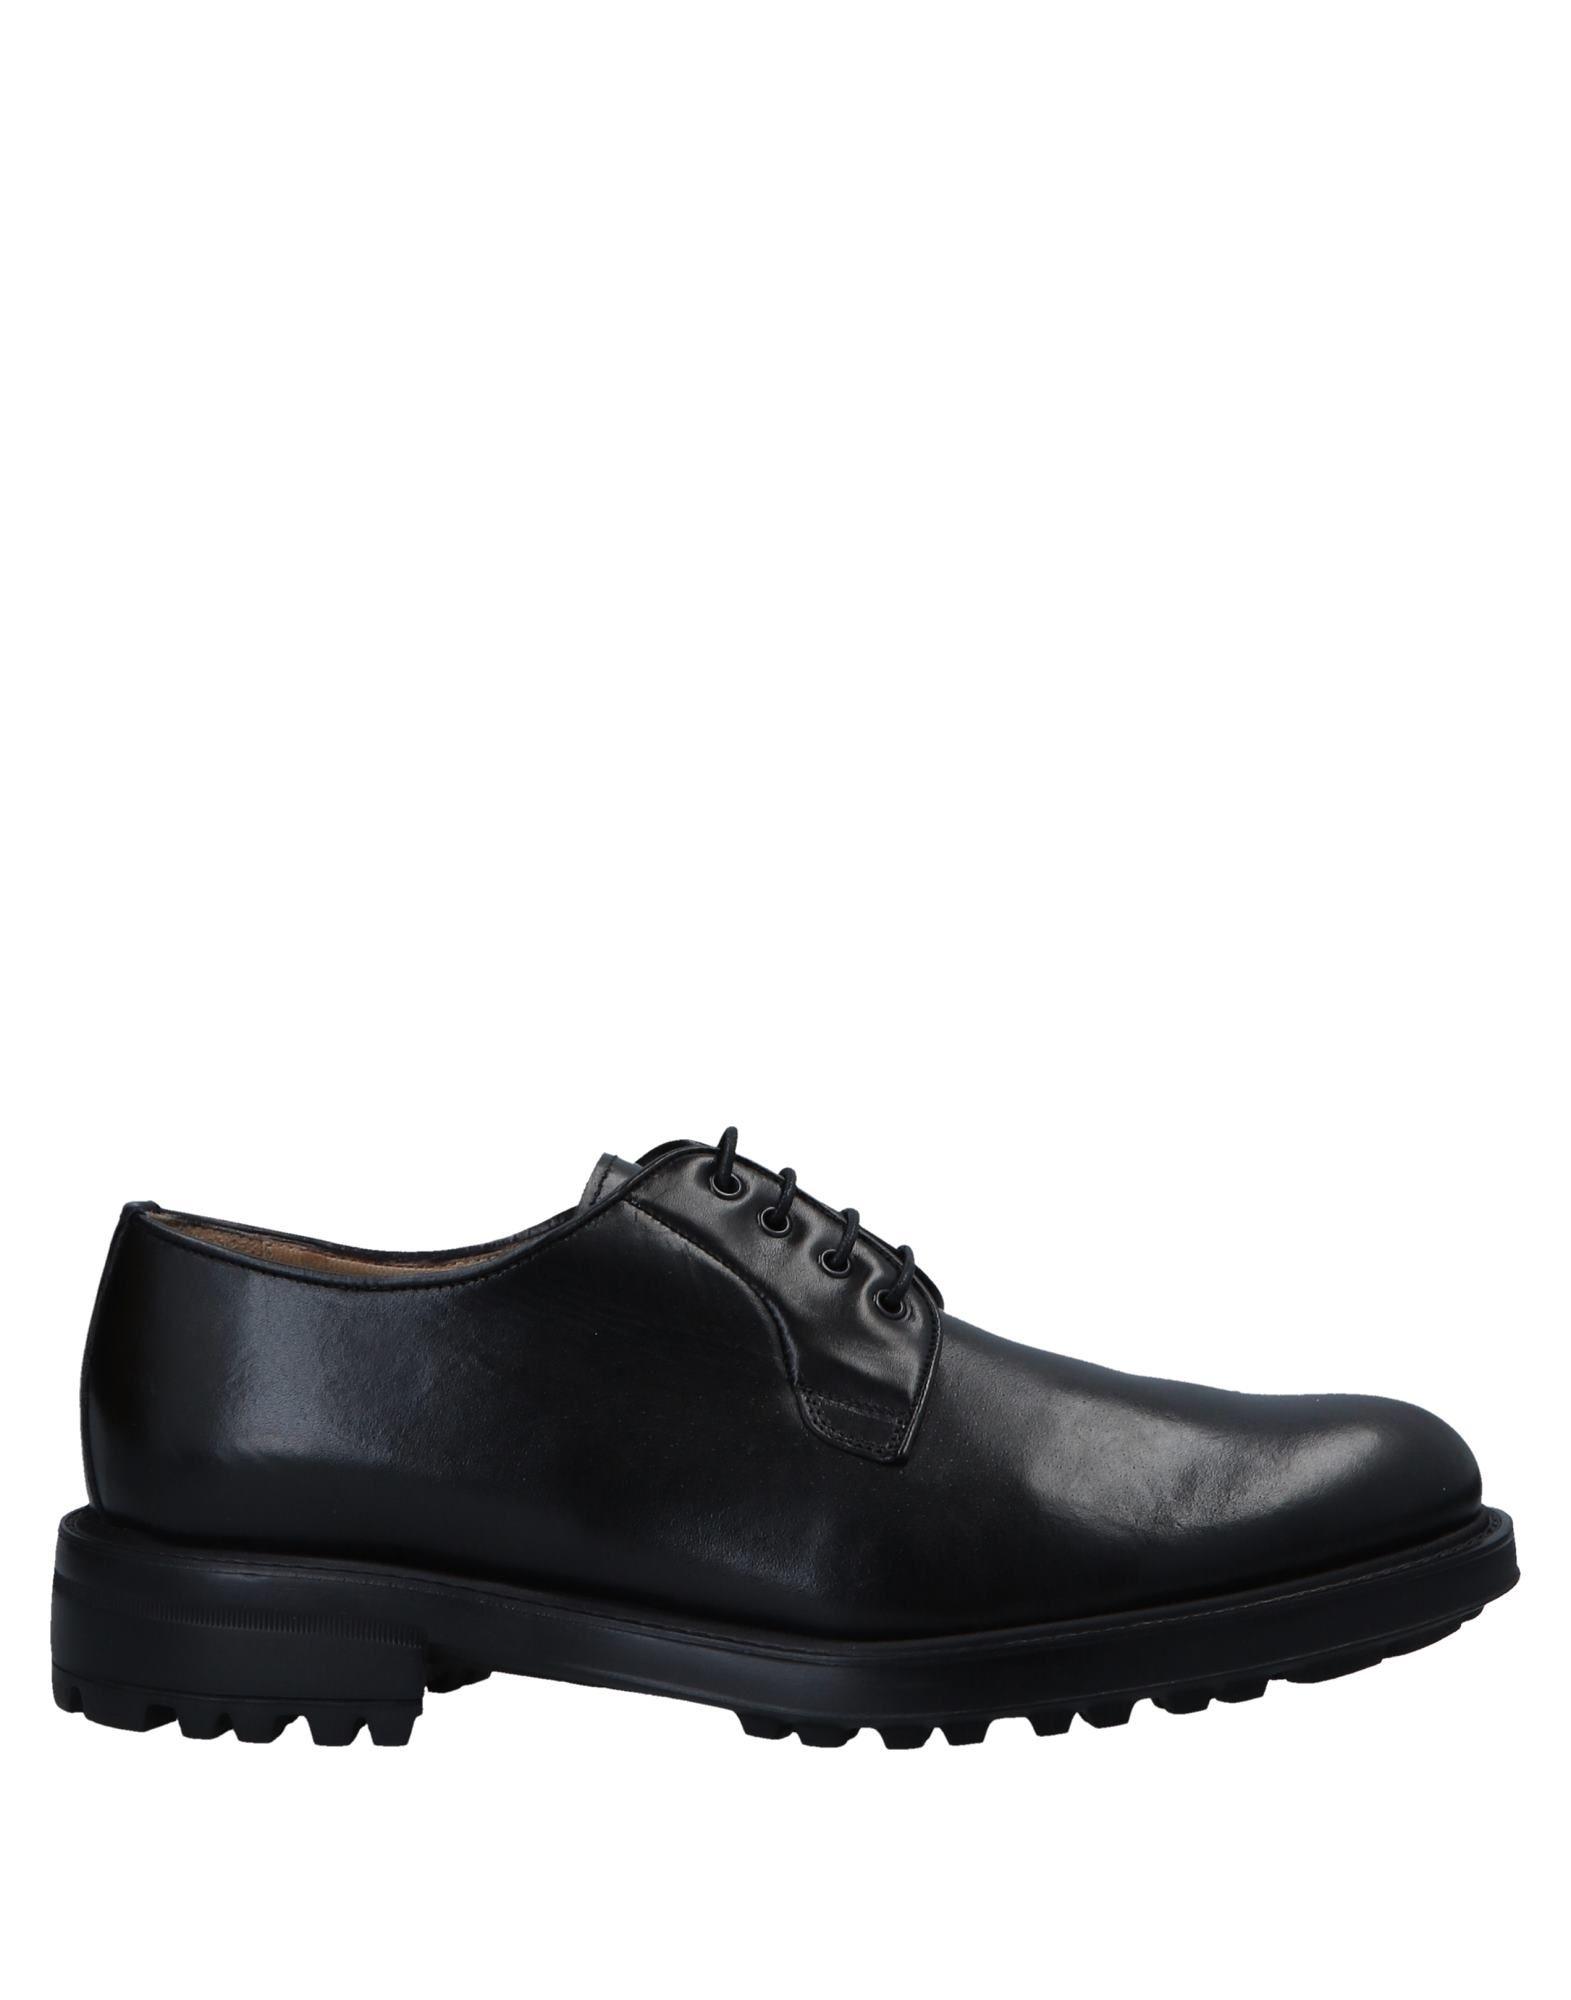 BALDININI Обувь на шнурках босоножки baldinini baldinini ba097awpux56